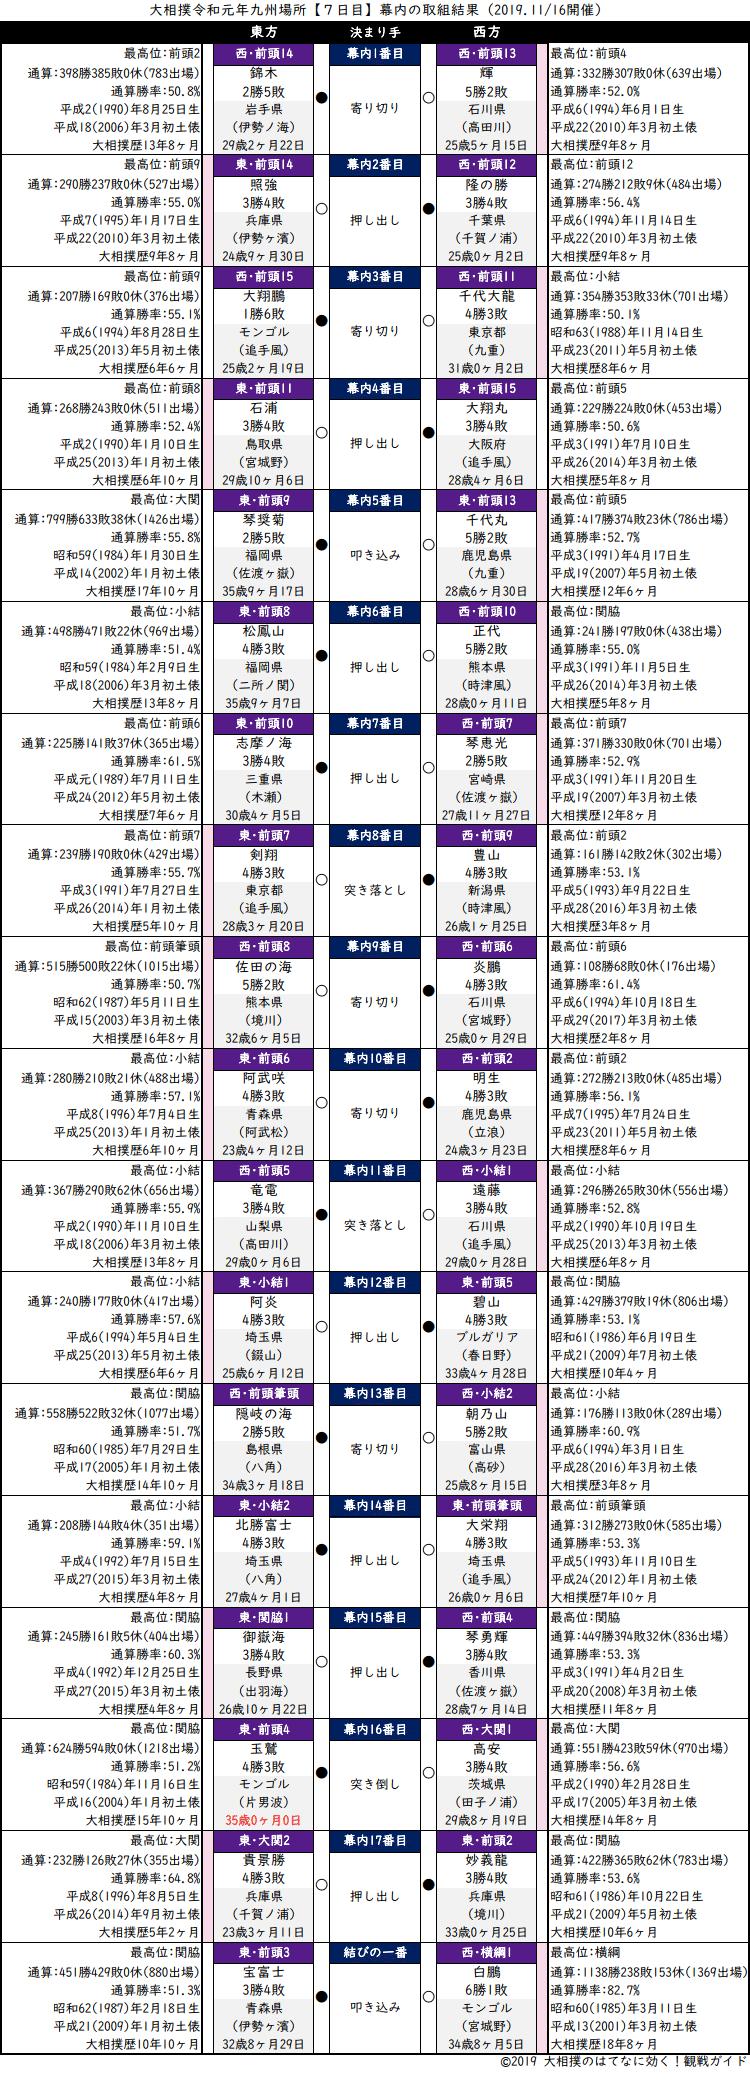 大相撲・2019年11月場所7日目・幕内の取組結果